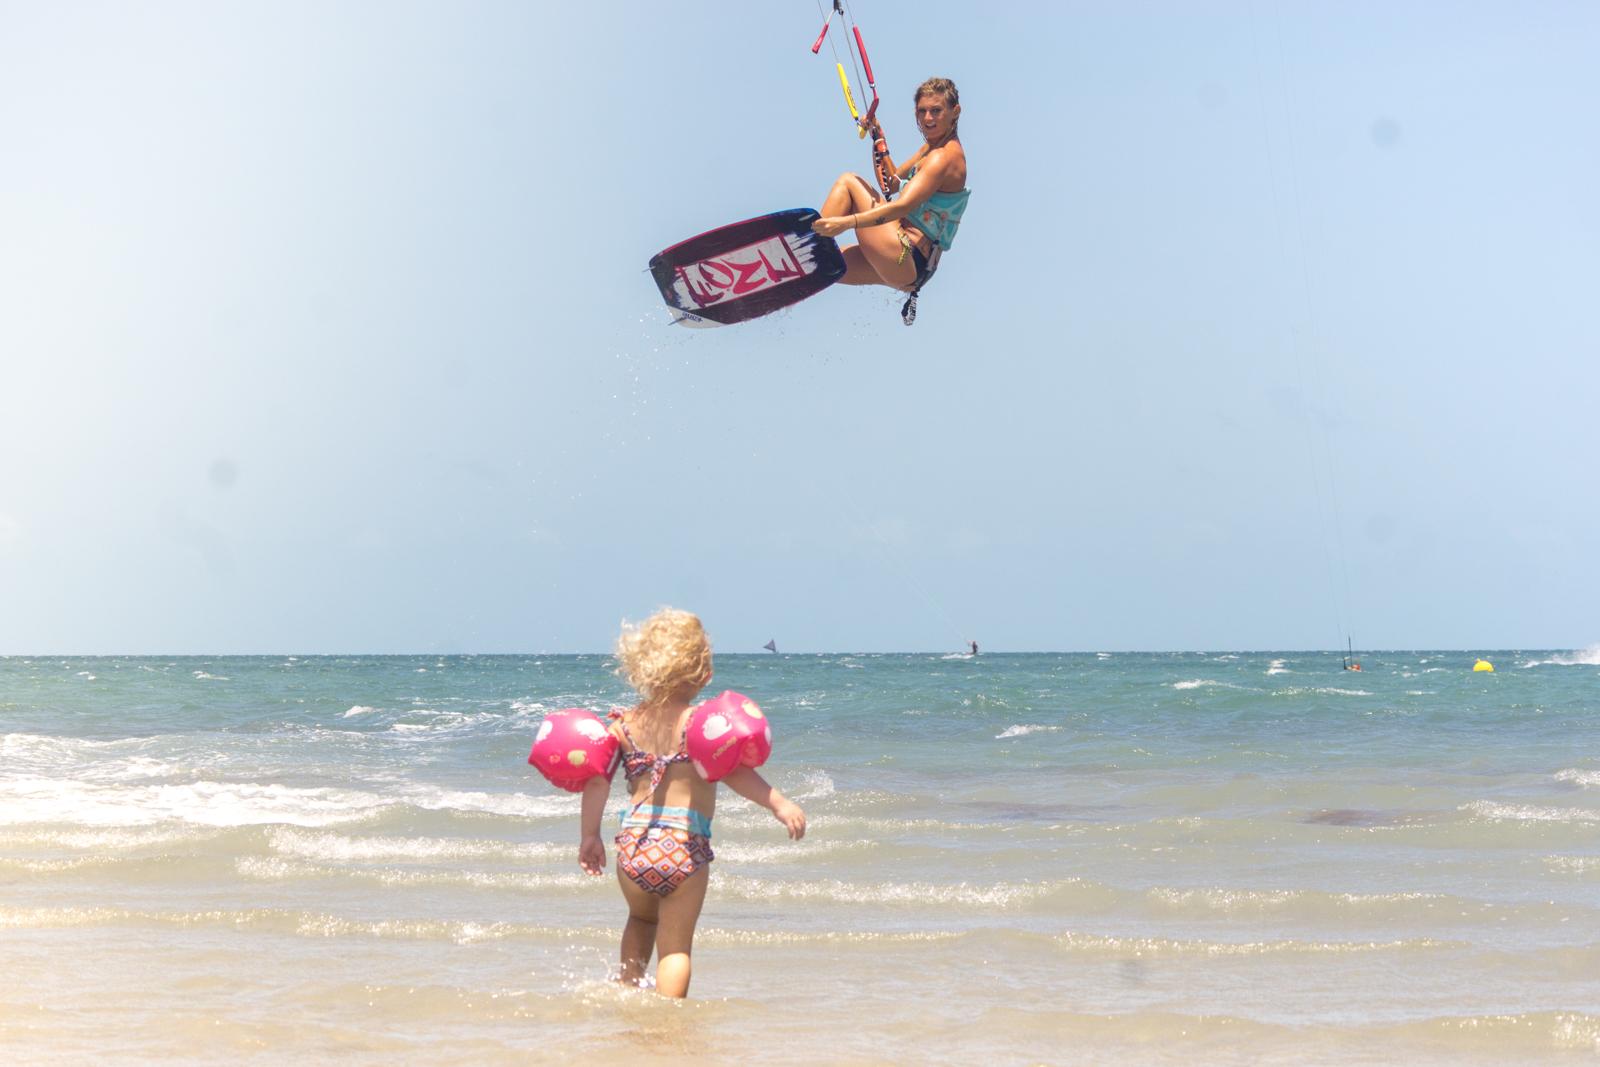 Date a girl that kites - KiteSista